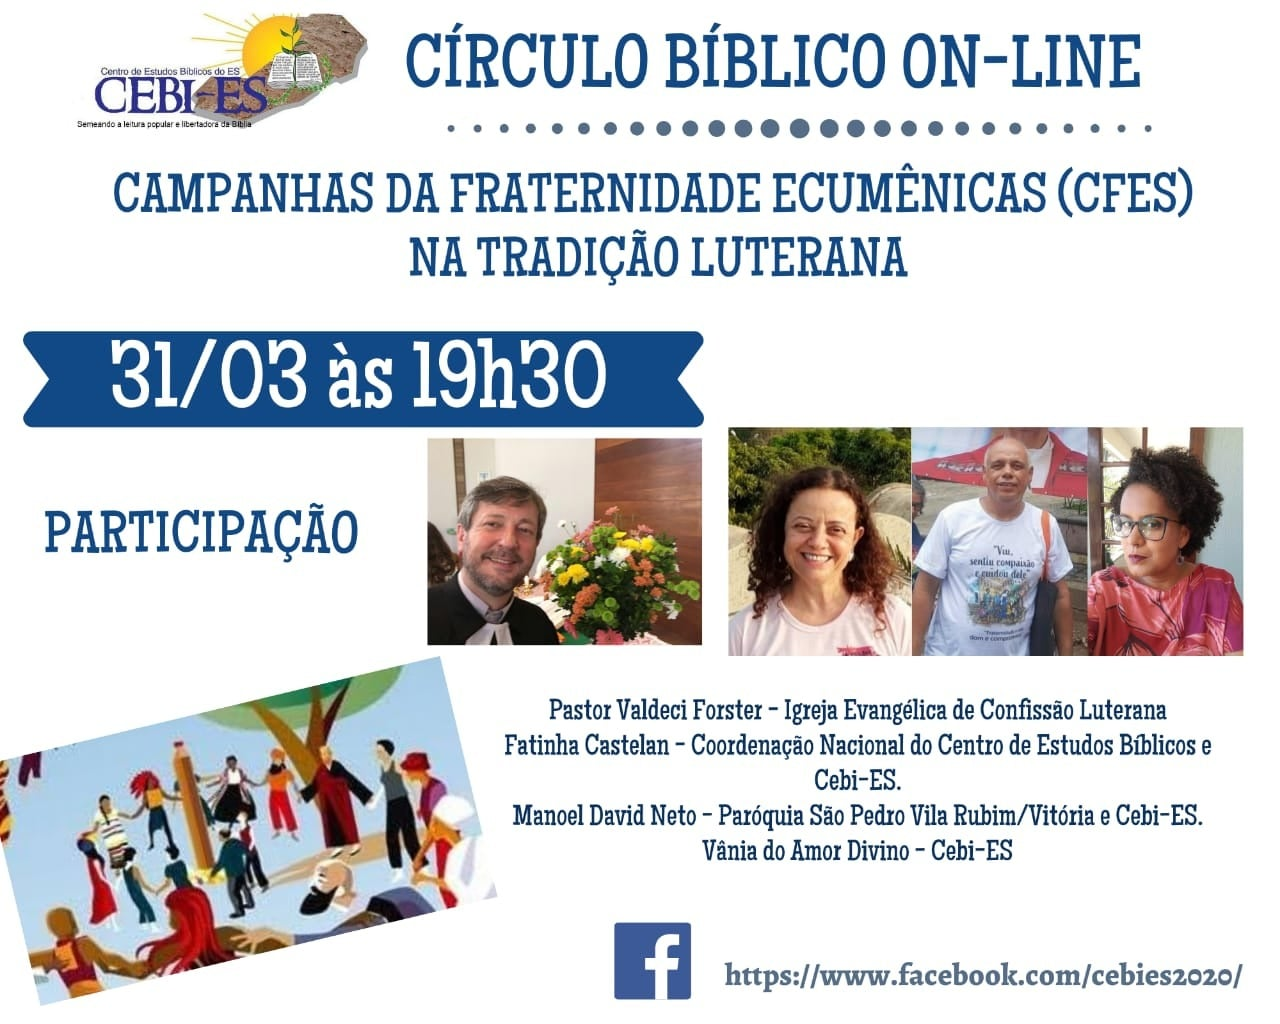 CEBI Espírito Santo- realiza nesta quarta feira seu Circulo Bíblico On-line